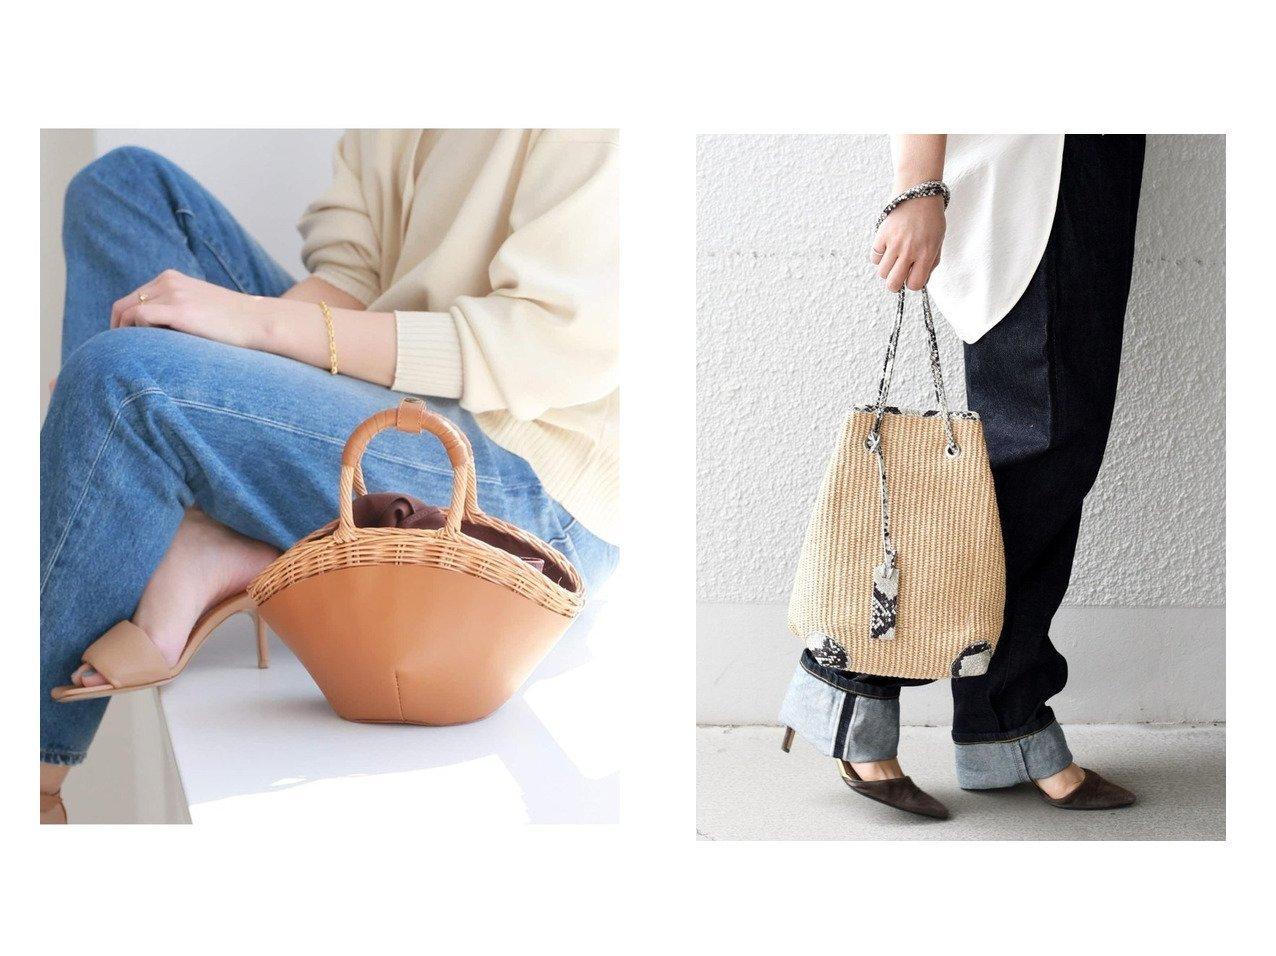 【SHIPS/シップス フォー ウィメン】のMARCO MASI PAGLIA パイピングバッグ&【Spick & Span/スピック&スパン】の【Bagmati】ミニカゴバッグ 【バッグ・鞄】おすすめ!人気、トレンド・レディースファッションの通販 おすすめで人気の流行・トレンド、ファッションの通販商品 メンズファッション・キッズファッション・インテリア・家具・レディースファッション・服の通販 founy(ファニー) https://founy.com/ ファッション Fashion レディースファッション WOMEN バッグ Bag S/S・春夏 SS・Spring/Summer イタリア コレクション トレンド ハンドバッグ バケツ ミラノ モダン 春 Spring 2021年 2021 2021春夏・S/S SS/Spring/Summer/2021 ストール ハンド リゾート 人気 再入荷 Restock/Back in Stock/Re Arrival |ID:crp329100000039551